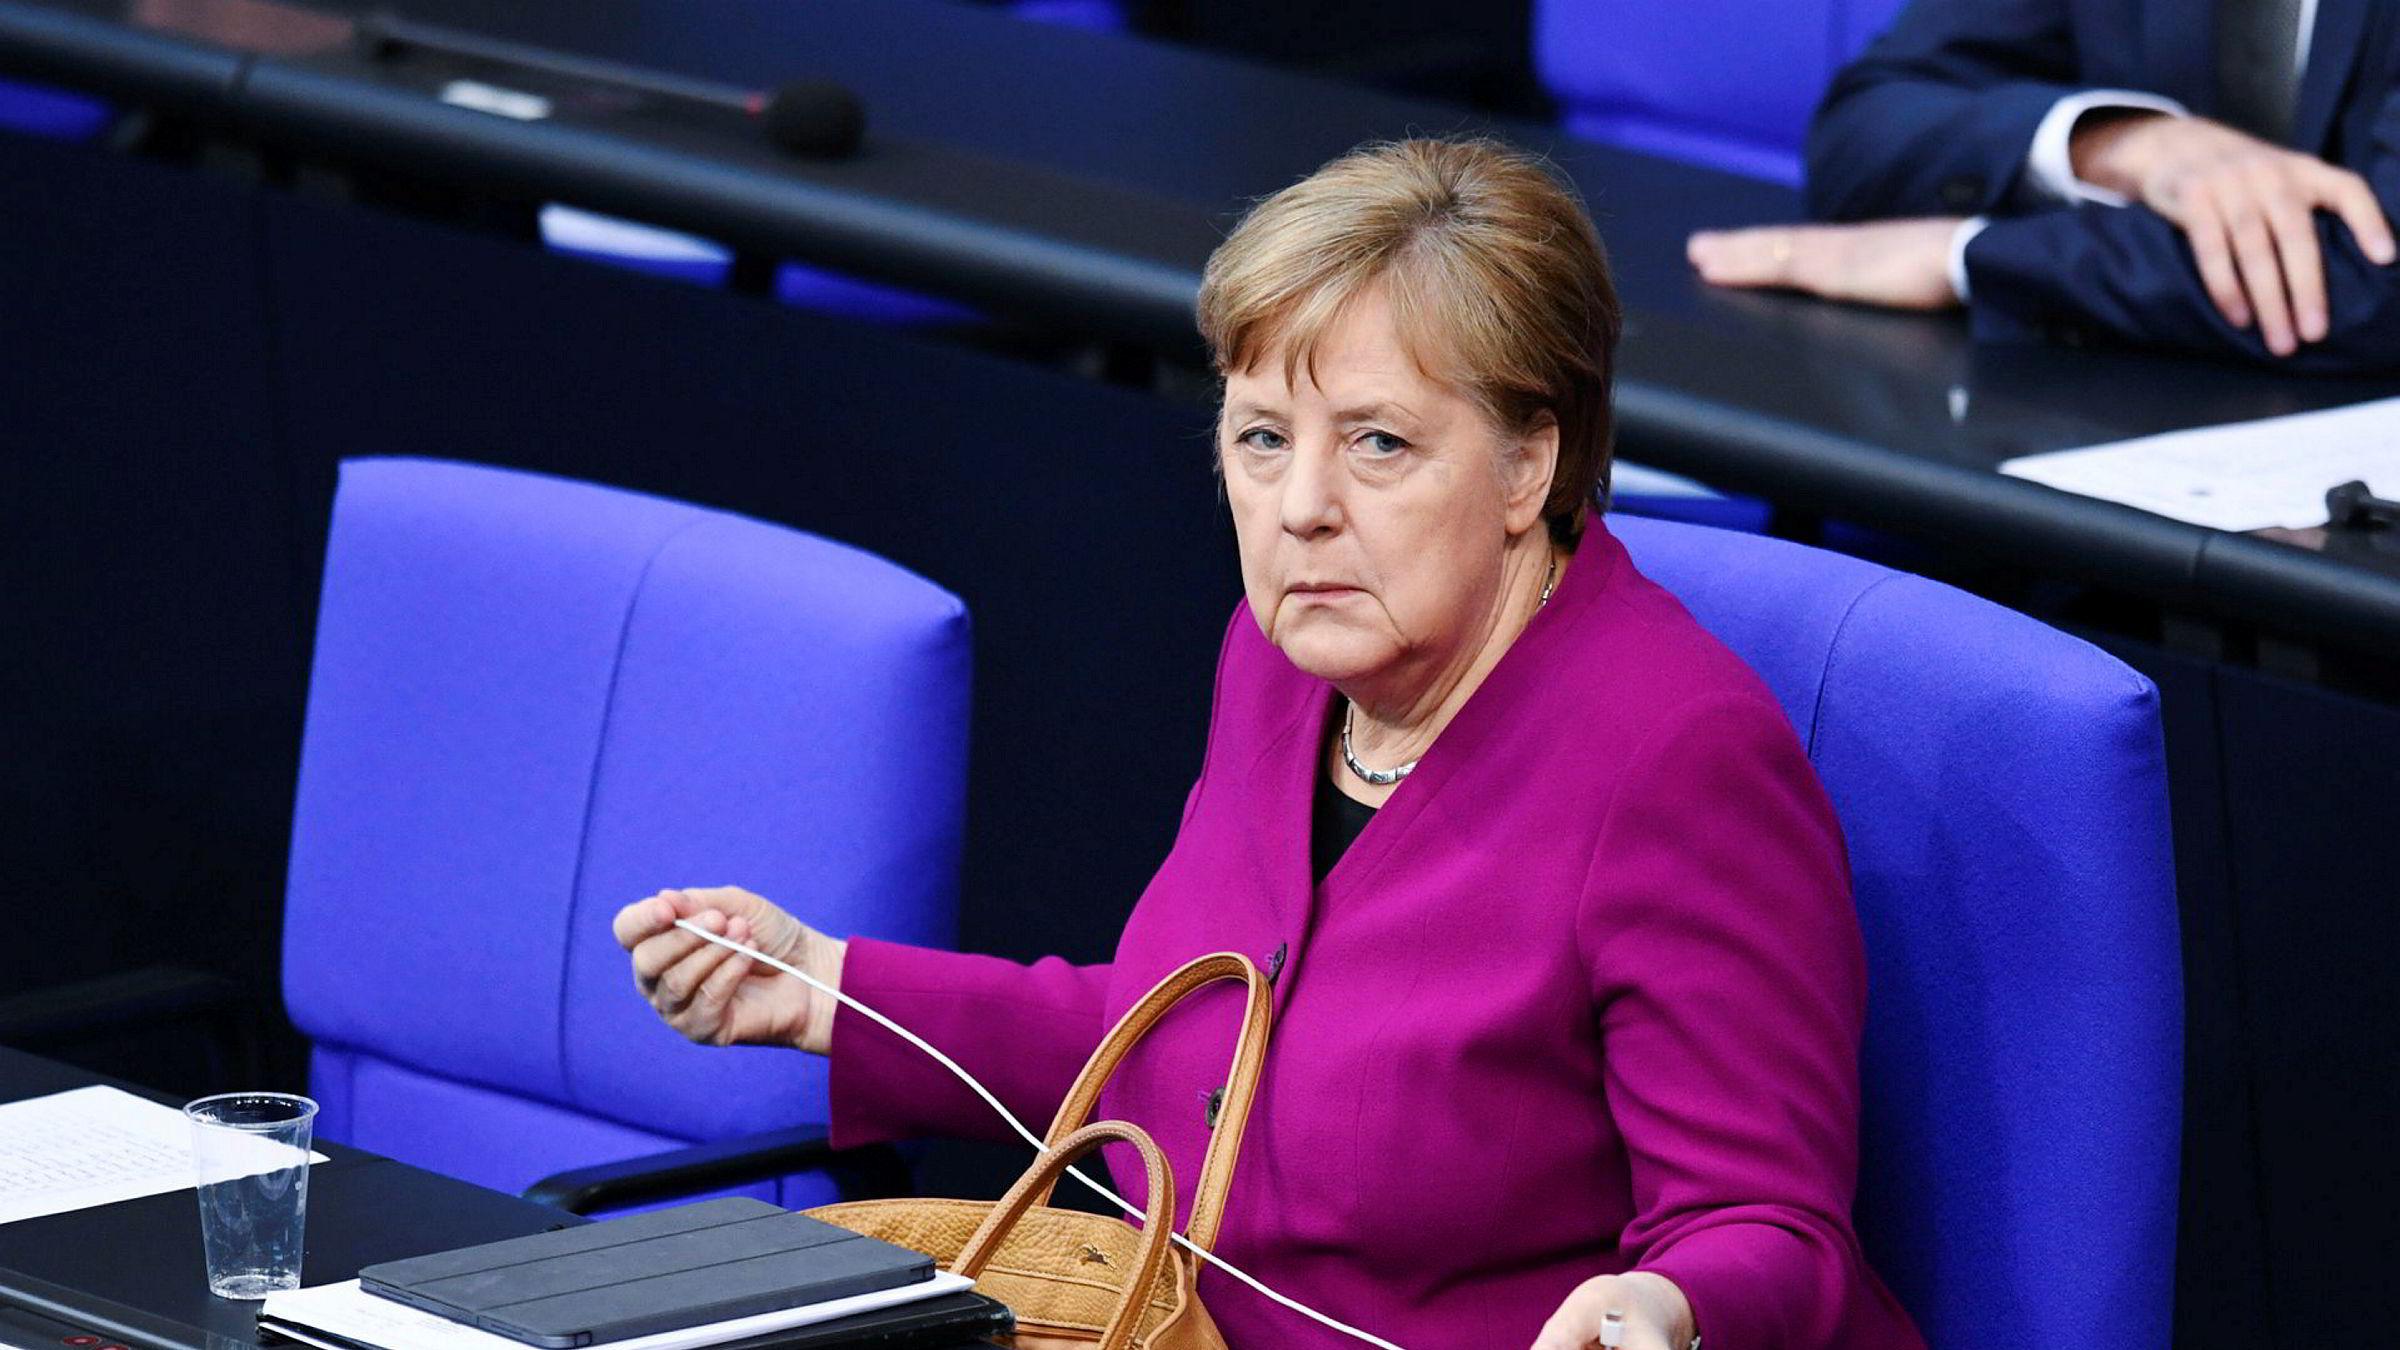 Koronaens konsekvens er mer europeisk integrasjon, mener Tysklands forbundskansler Angela Merkel.